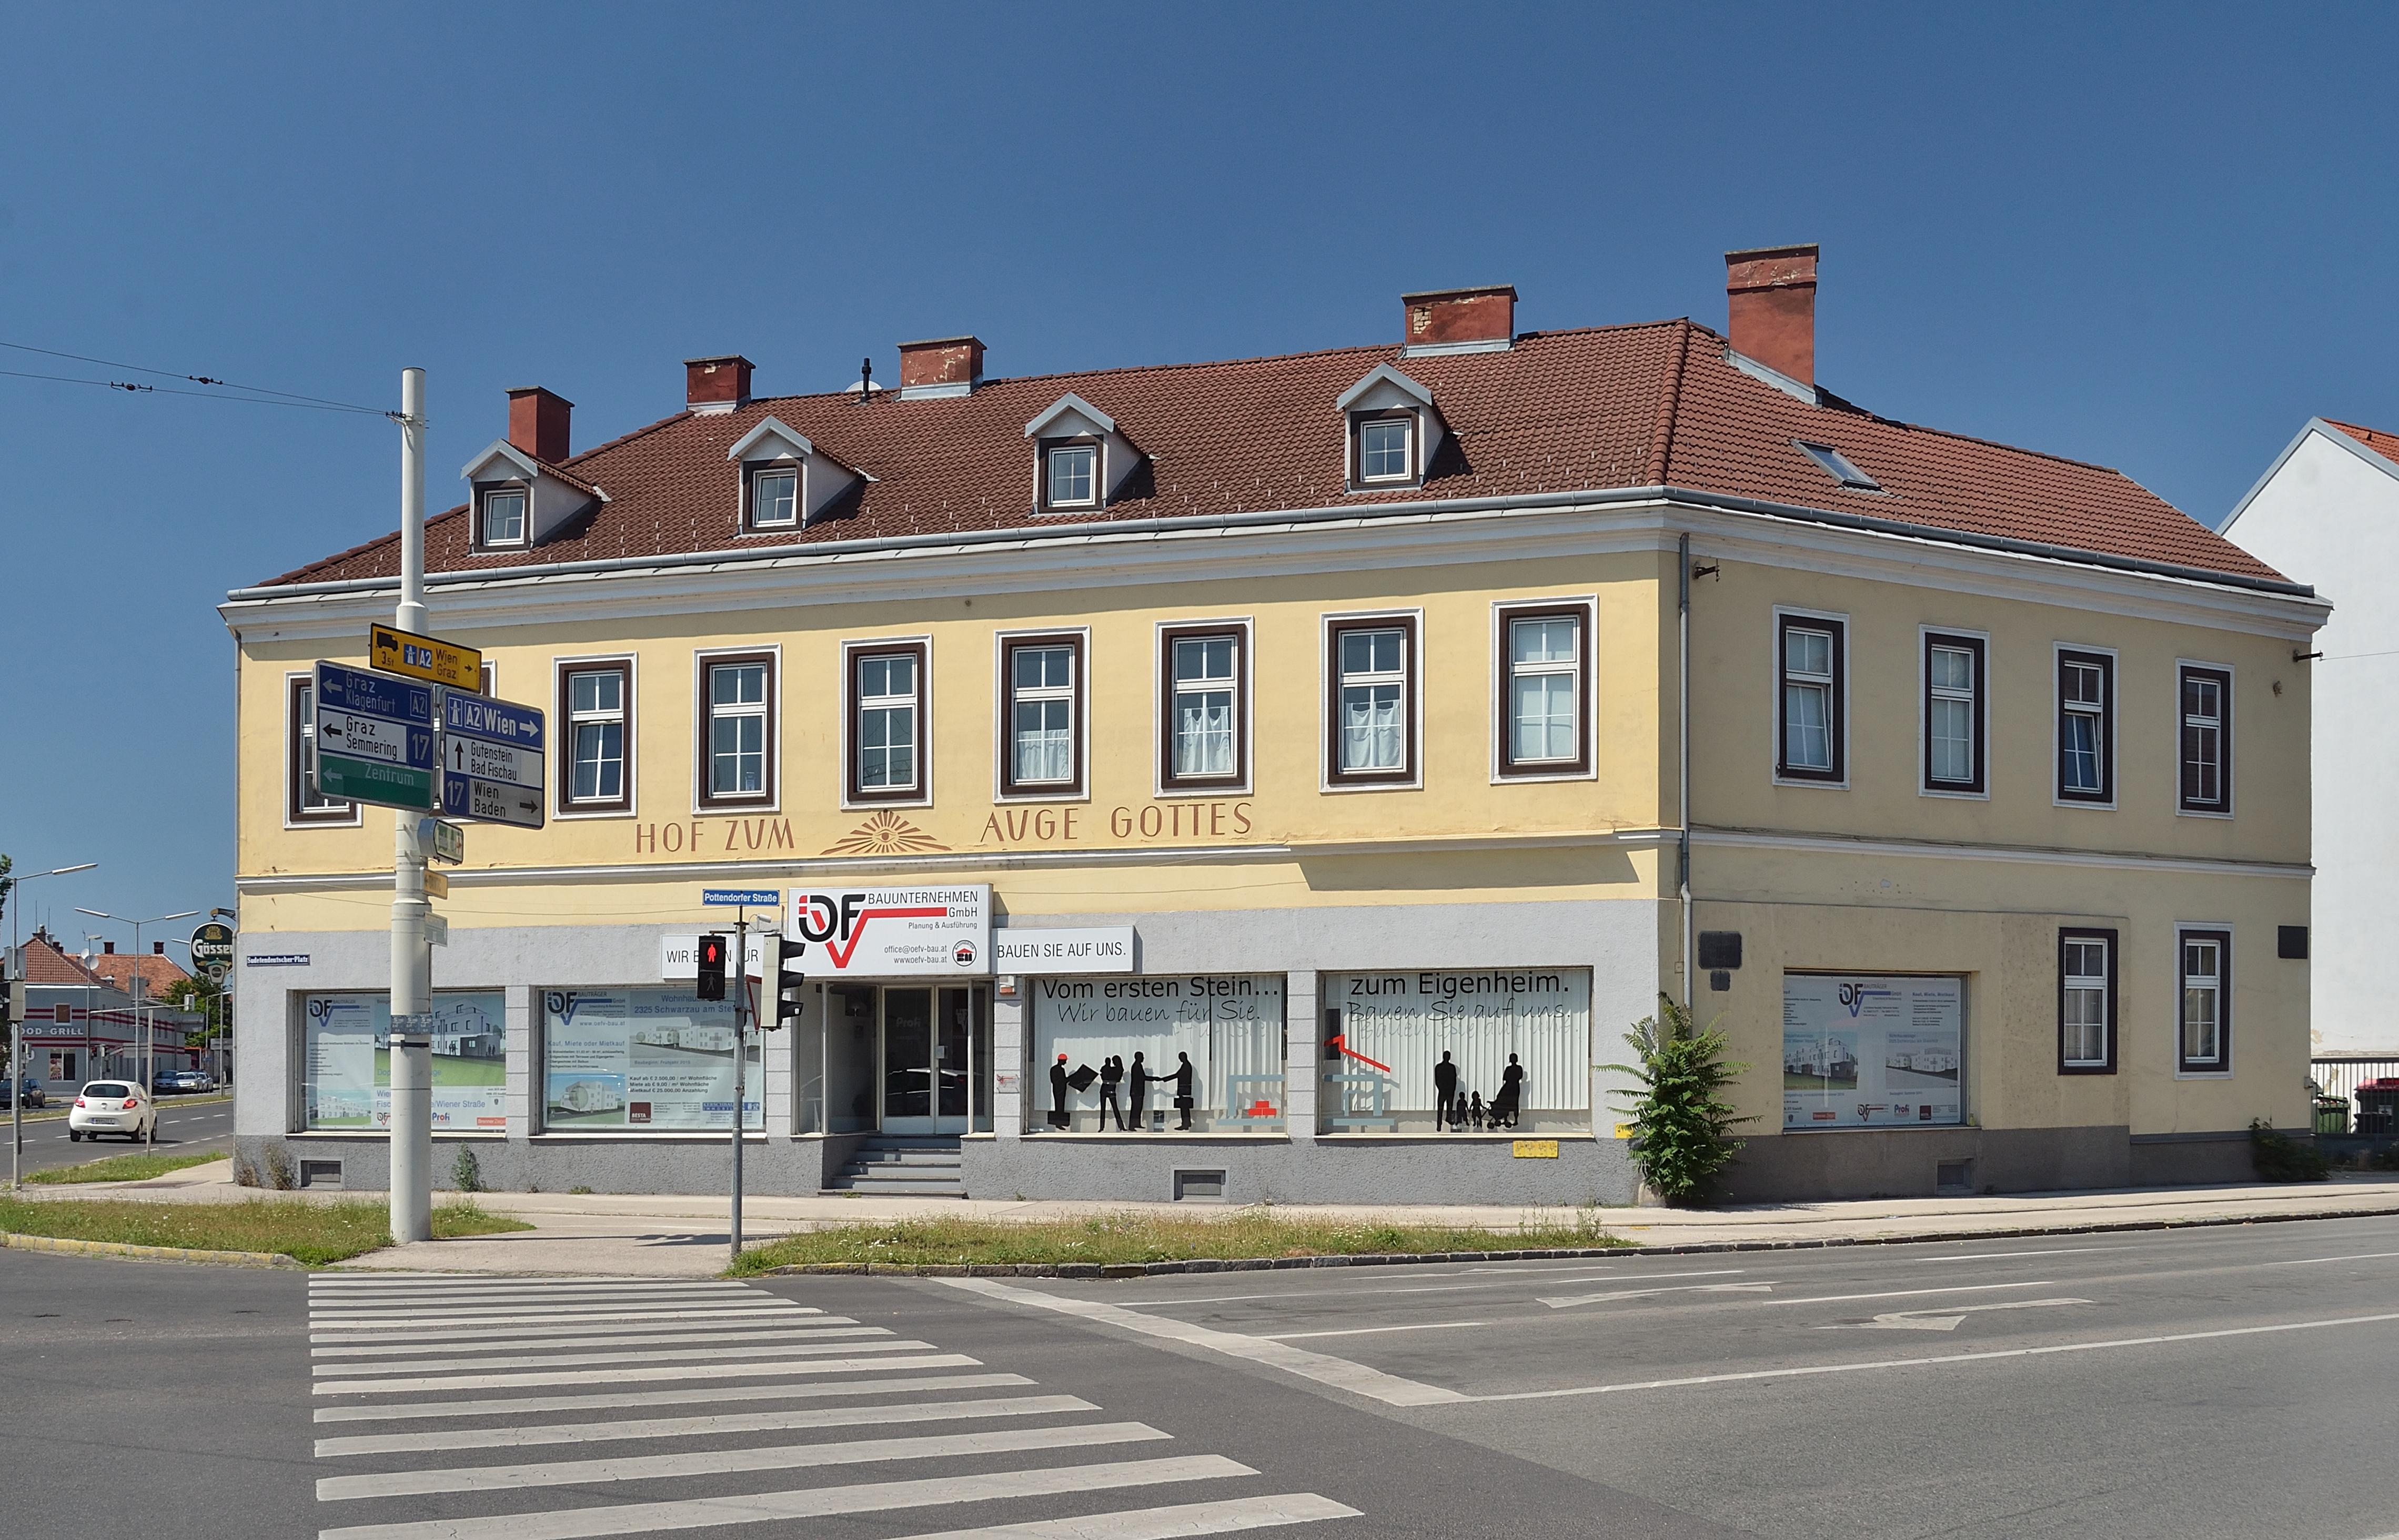 Singleb rse Wiener Neustadt